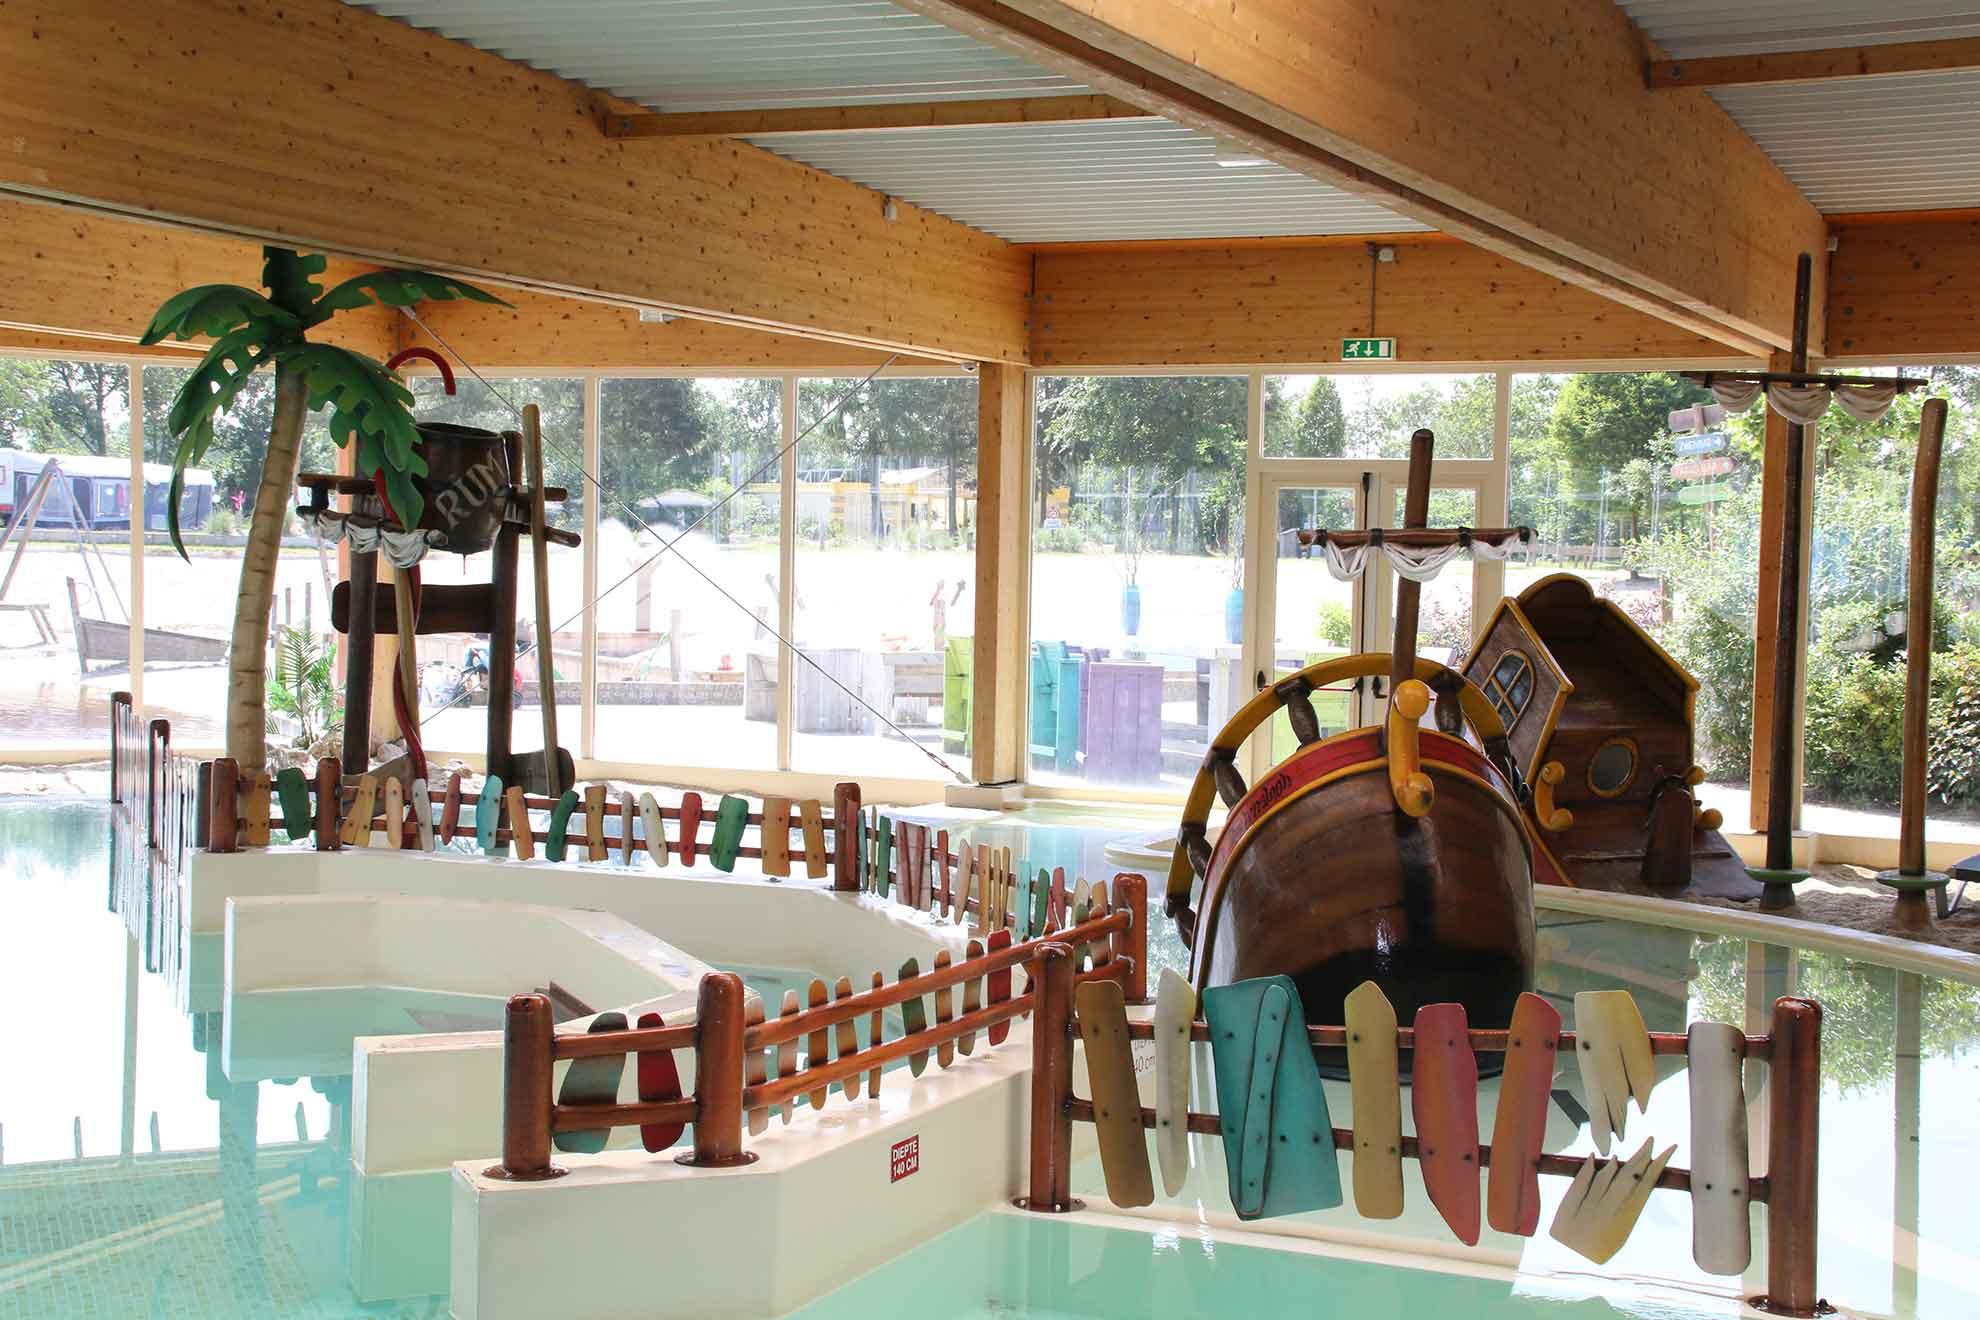 Zwembad reserveren - Leuk vakantiepark met zwembad in Overijssel